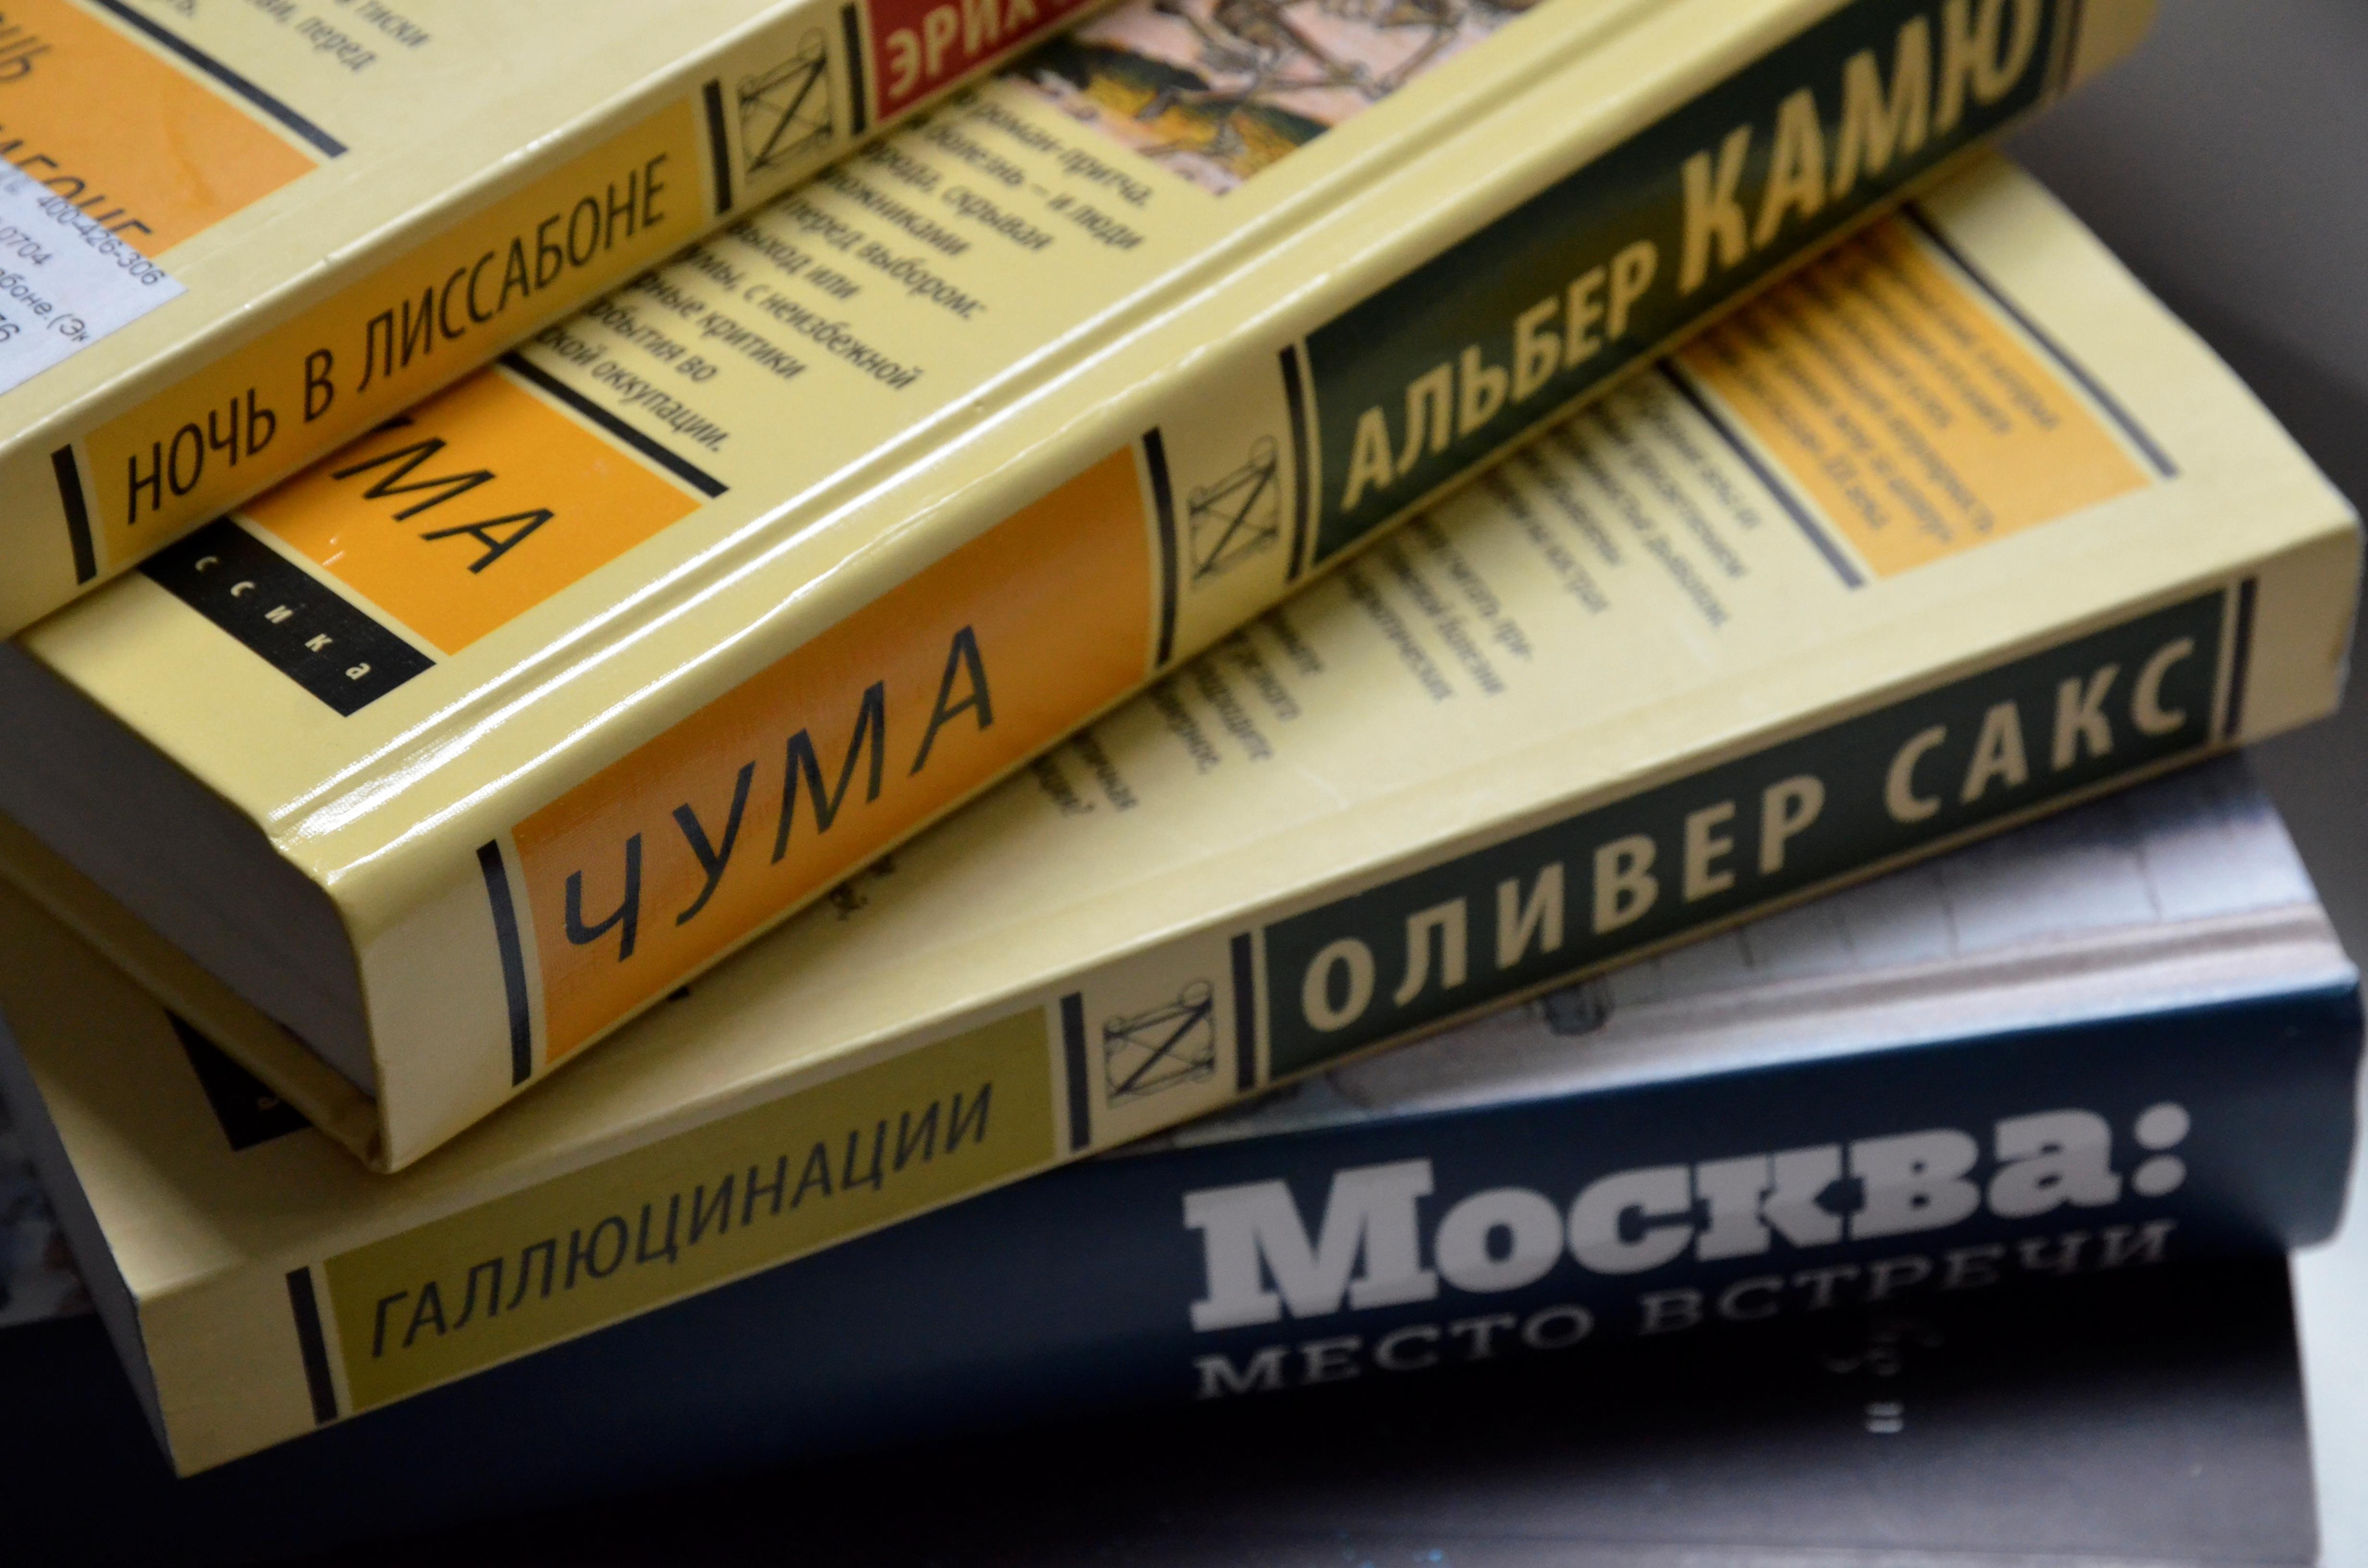 Читатели юга смогут пополнить домашнюю библиотеку